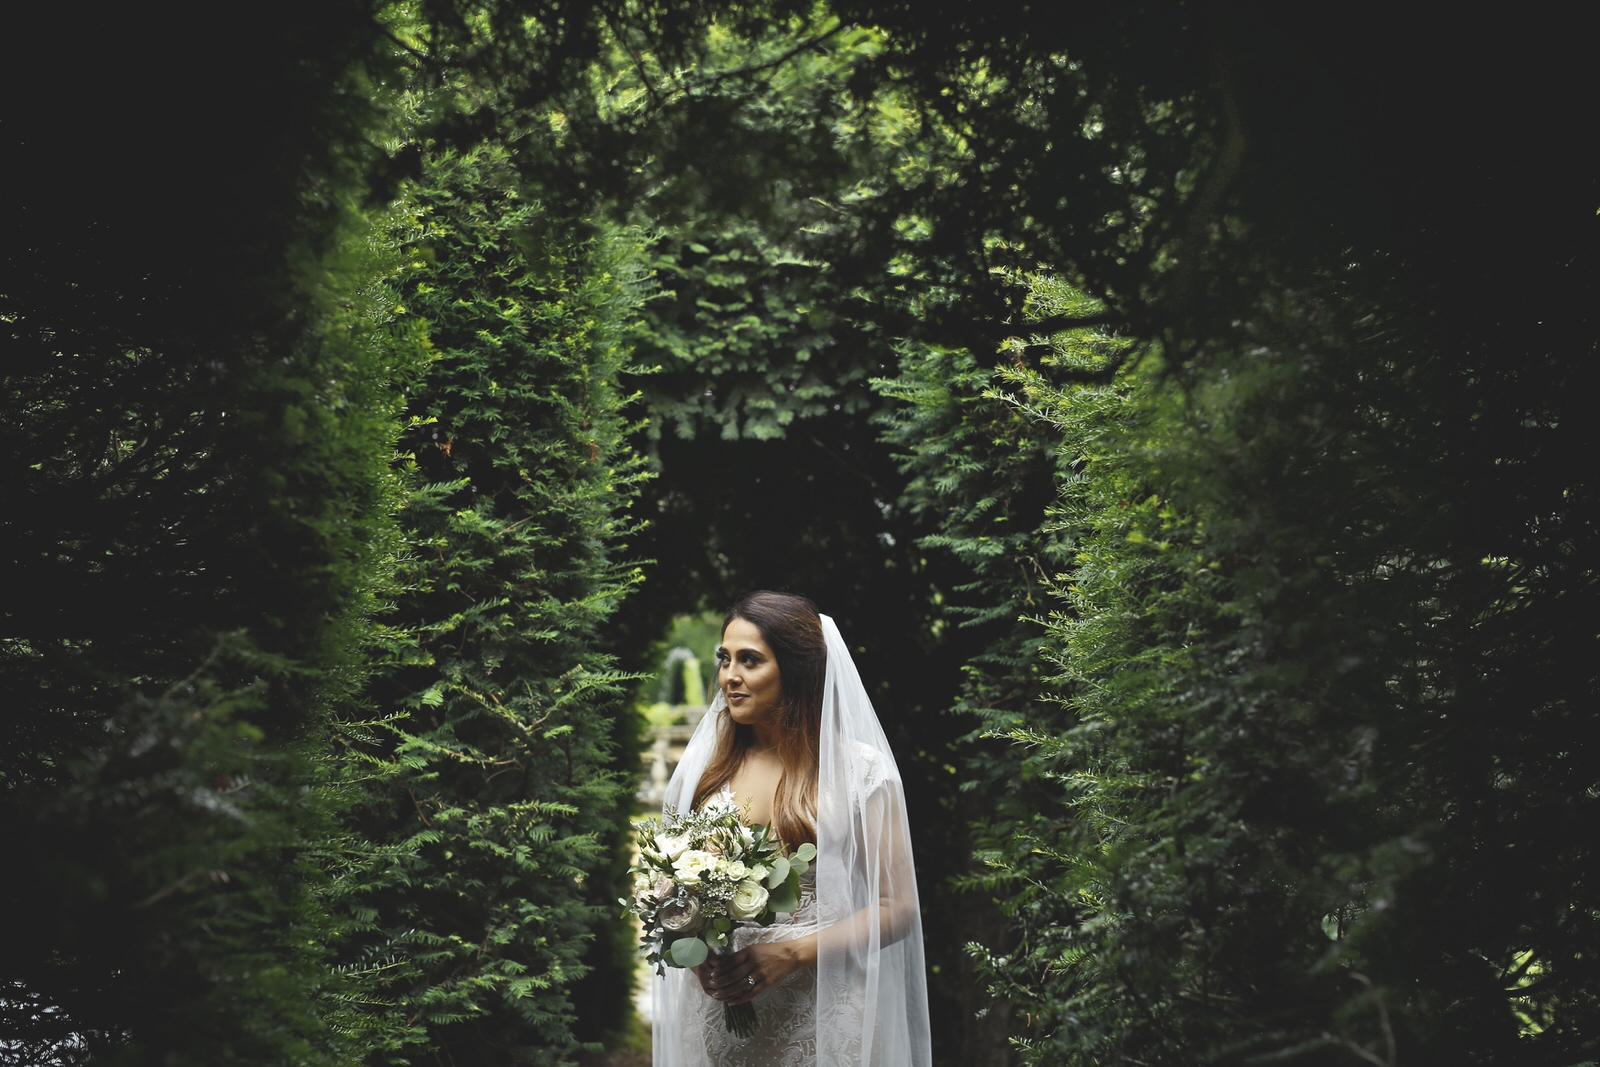 Brettharkness-sudeley-castle-wedding-photographer_0028.jpg